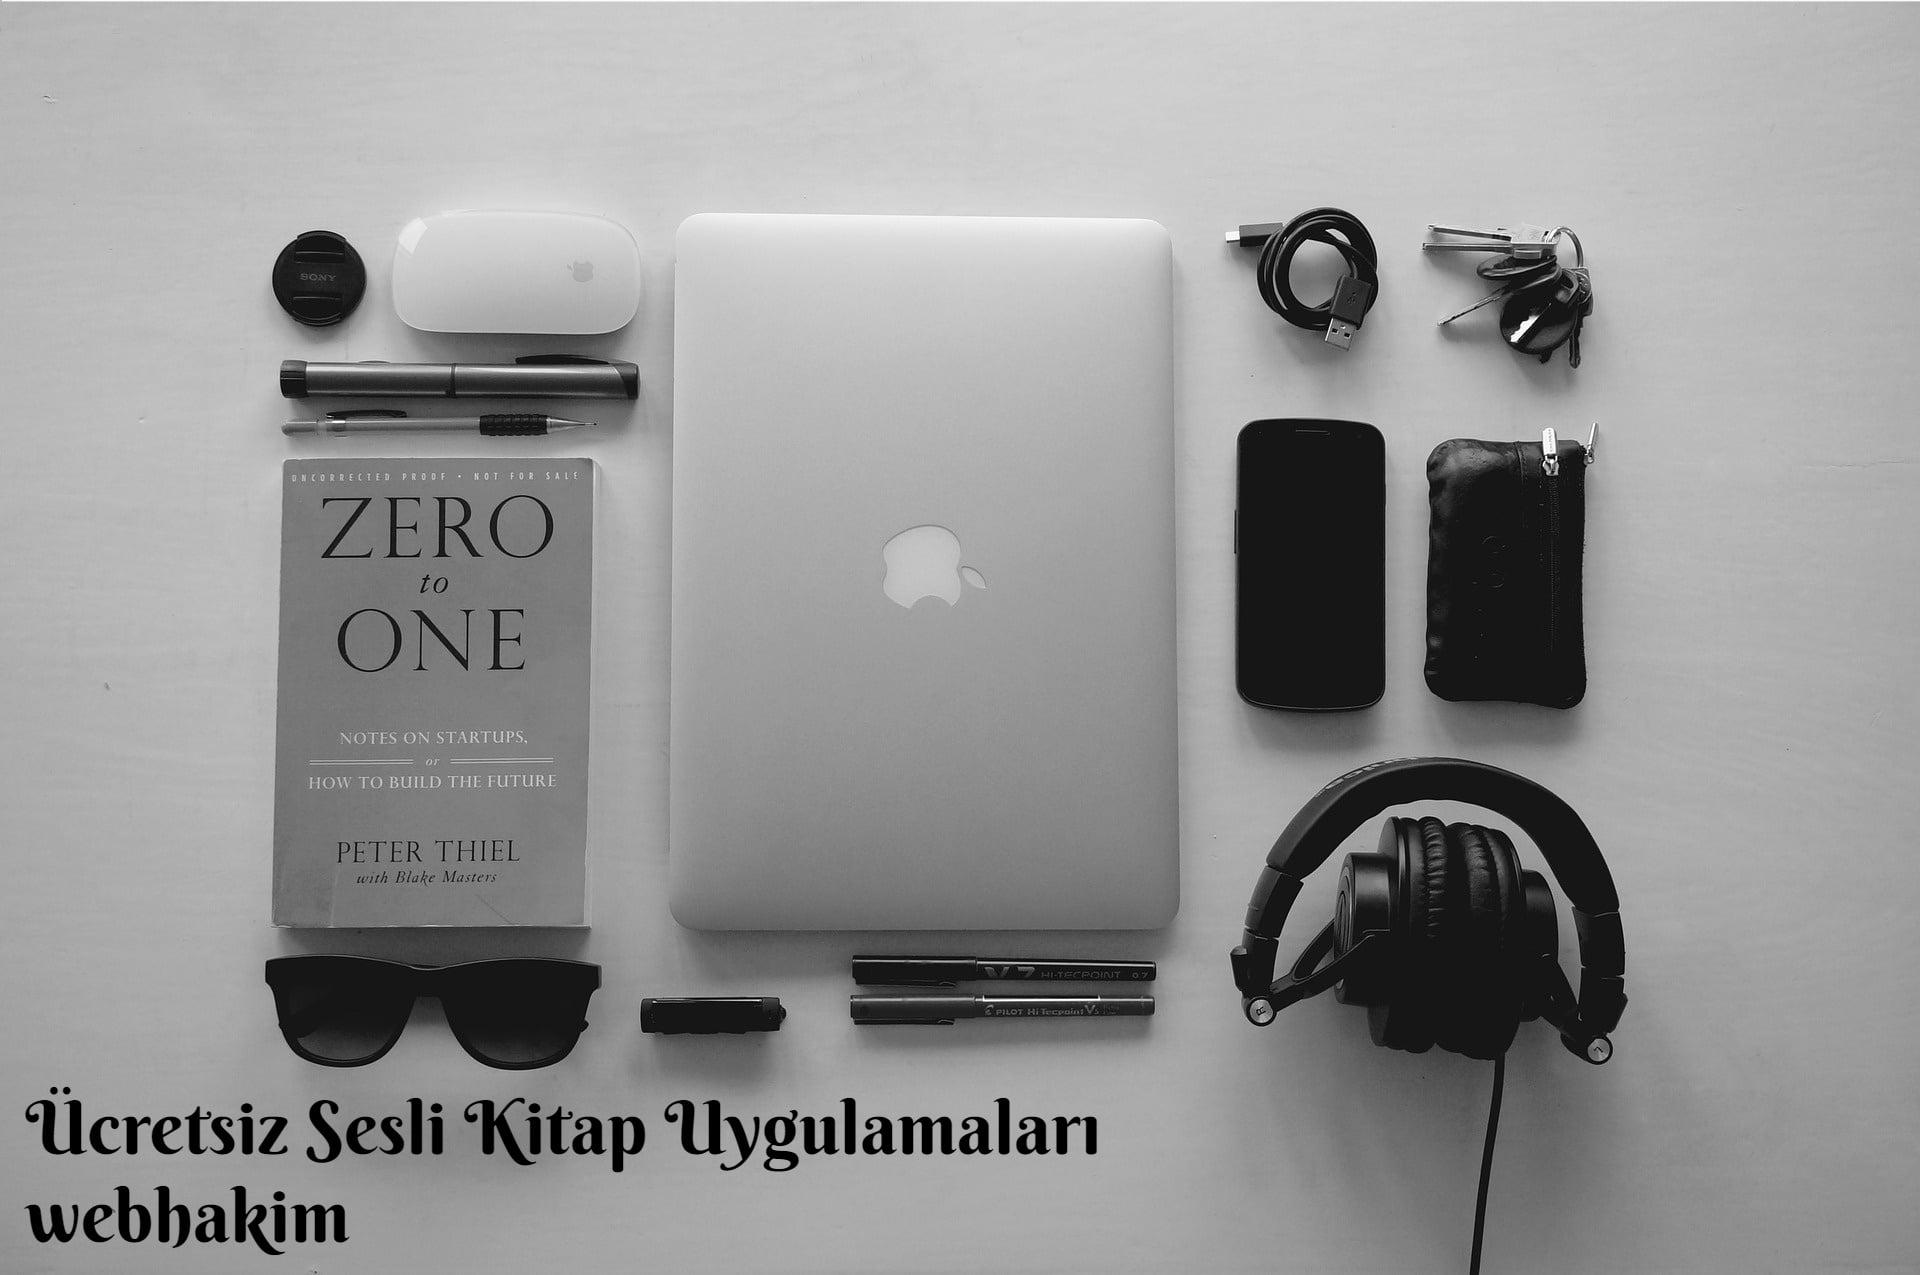 Ucretiz Sesli Kitap Uygulamalari webhakim